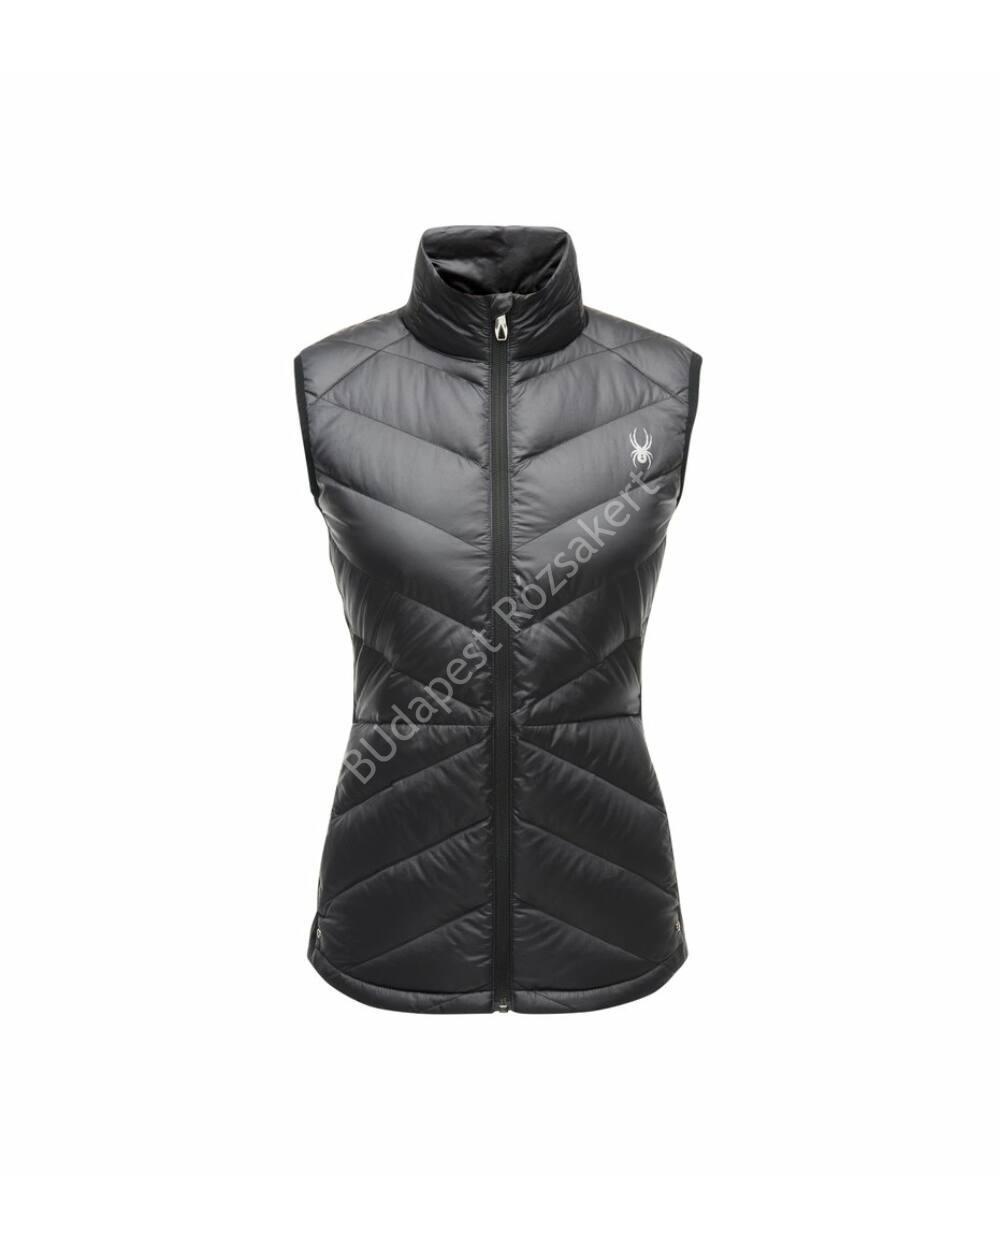 Spyder Solitude Down Vest női pehely, fekete